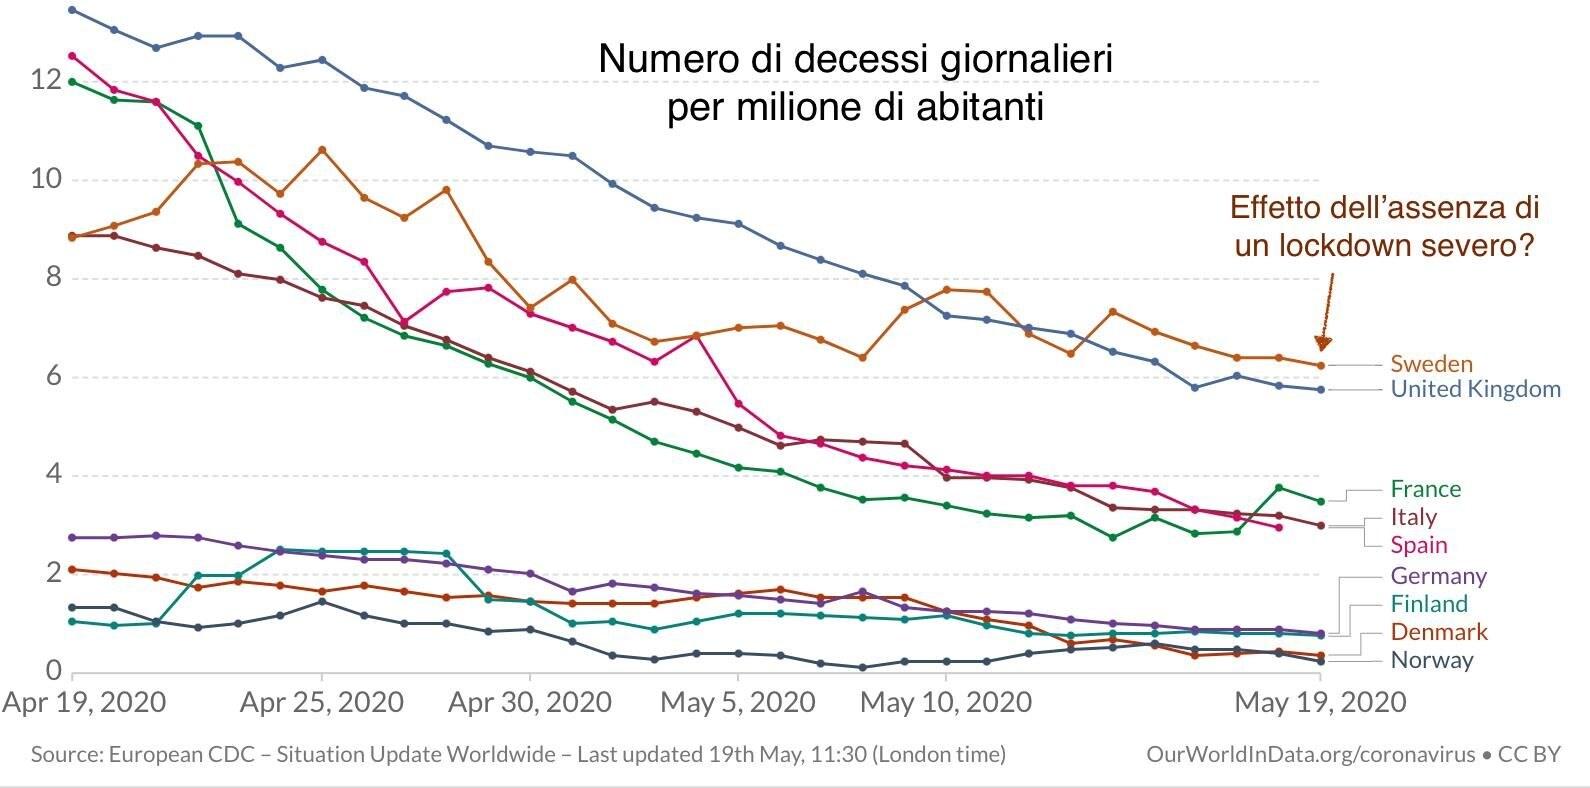 Confronto tra diversi Paesi europei nell'ultimo mese di lockdown italiano con una media mobile su 7 giorni